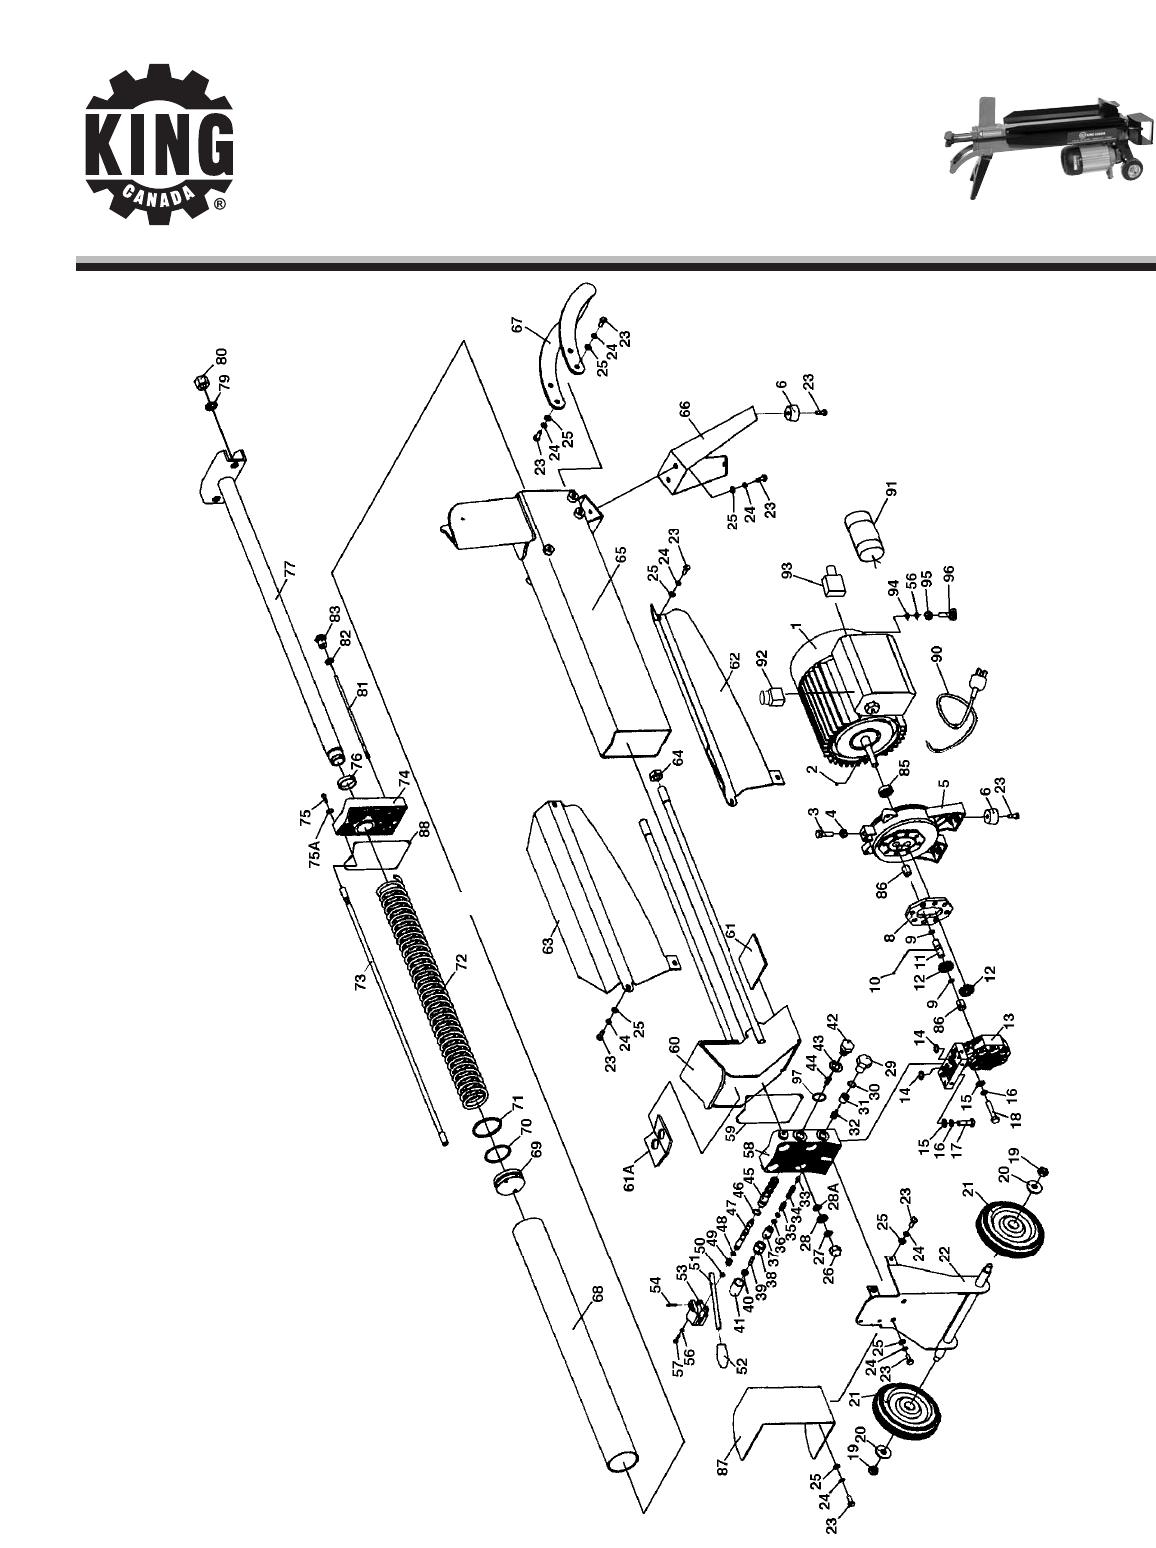 monarch hydraulic pump wiring diagram solidfonts 12 volt hydraulic pump wiring diagram nilza net